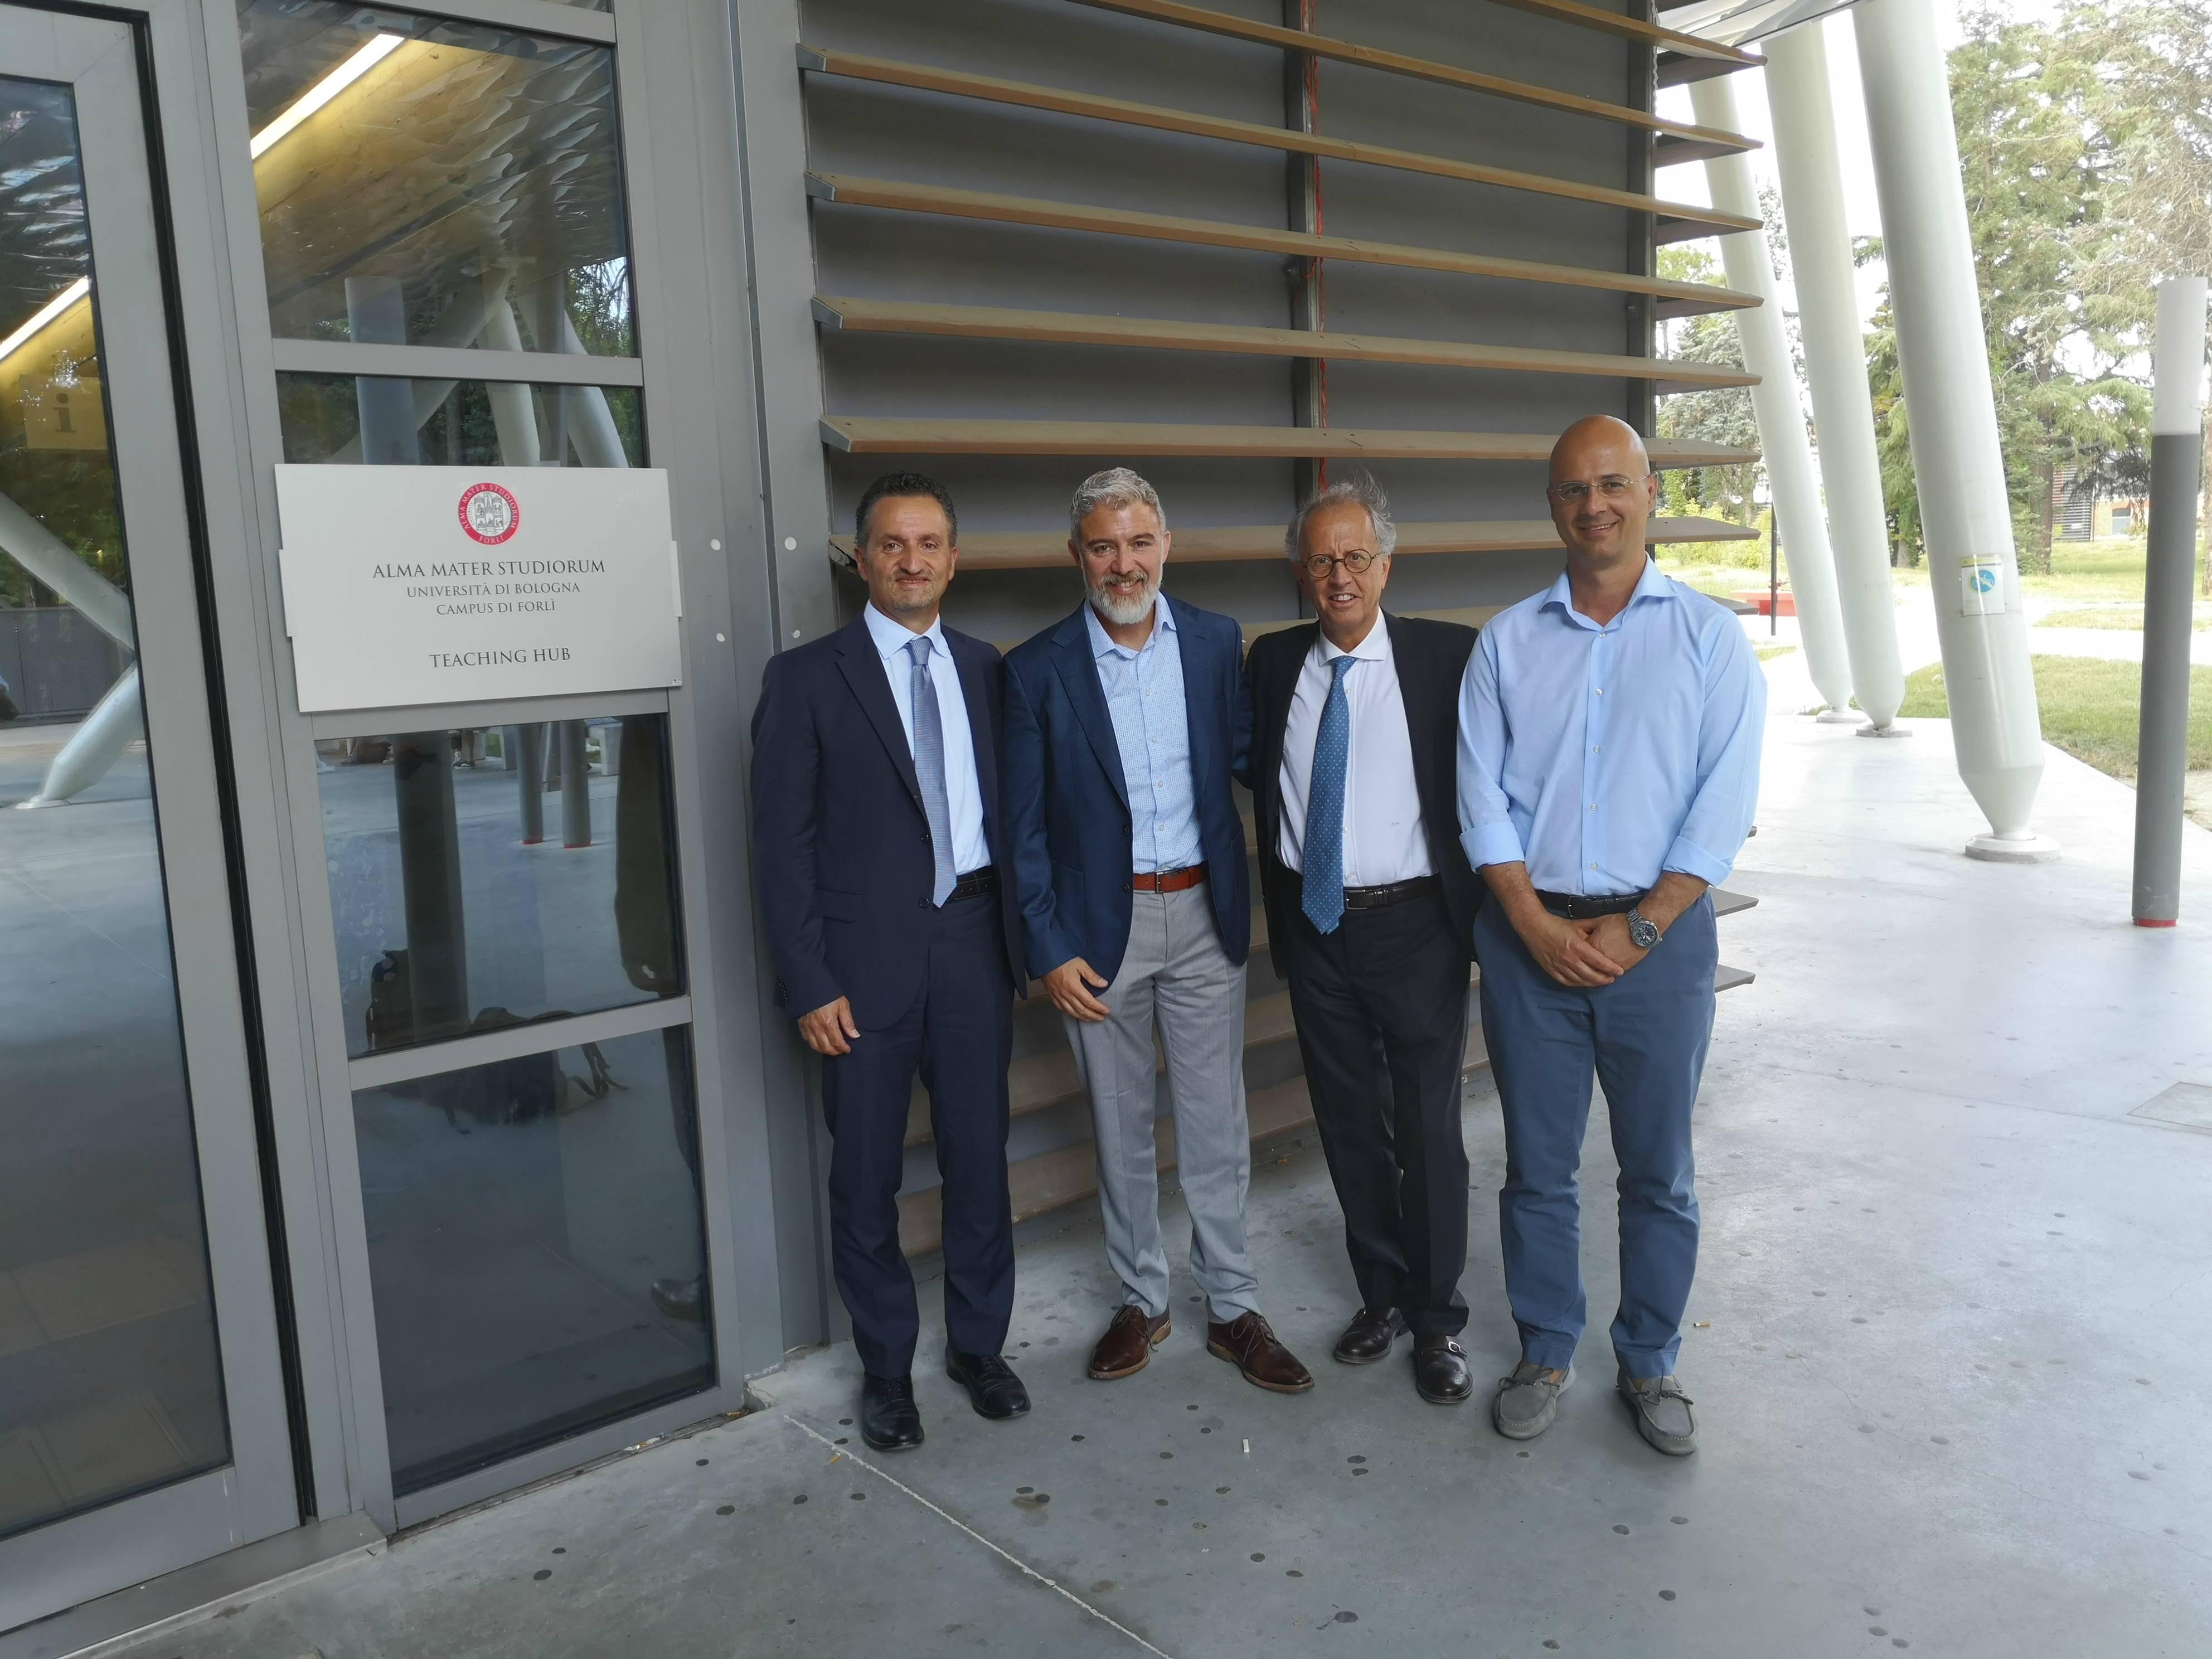 da-sinistra-Luca-Mazzara-Robson-Capasso-Claudio-Vicini-e-Filippo-Montevecchi-davanti-